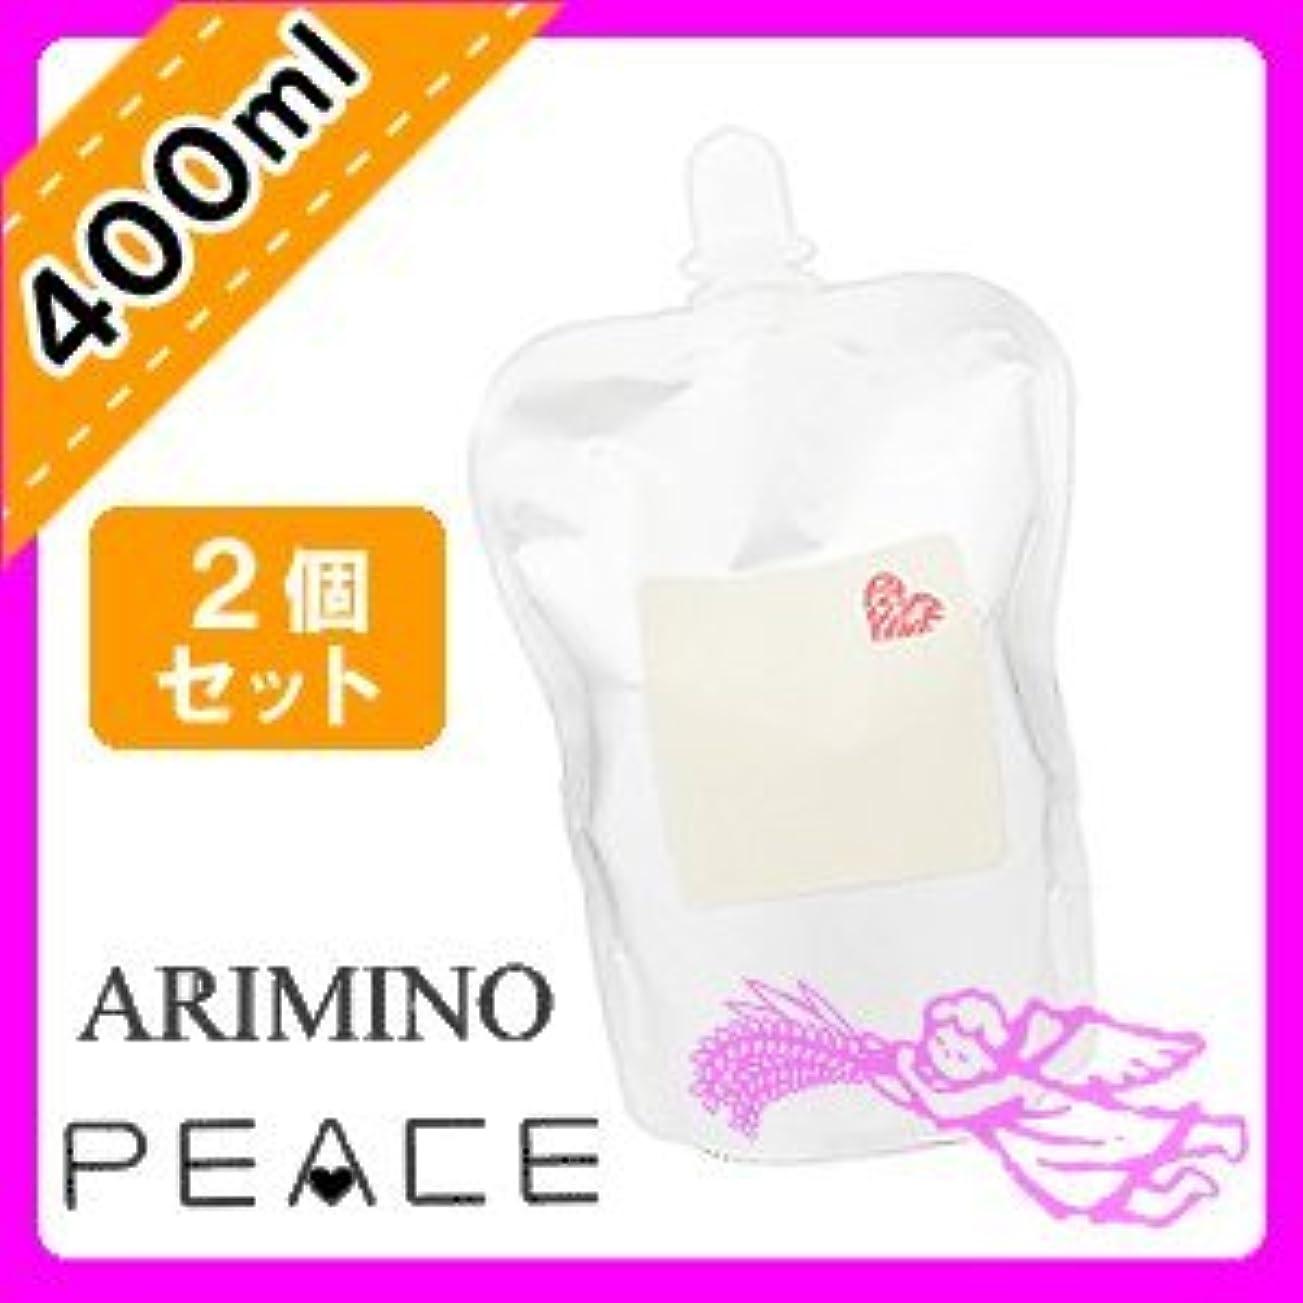 名前で先例教師の日アリミノ ピース ホイップワックス ナチュラルウェーブ ホイップ400mL ×2個 セット詰め替え用 arimino PEACE